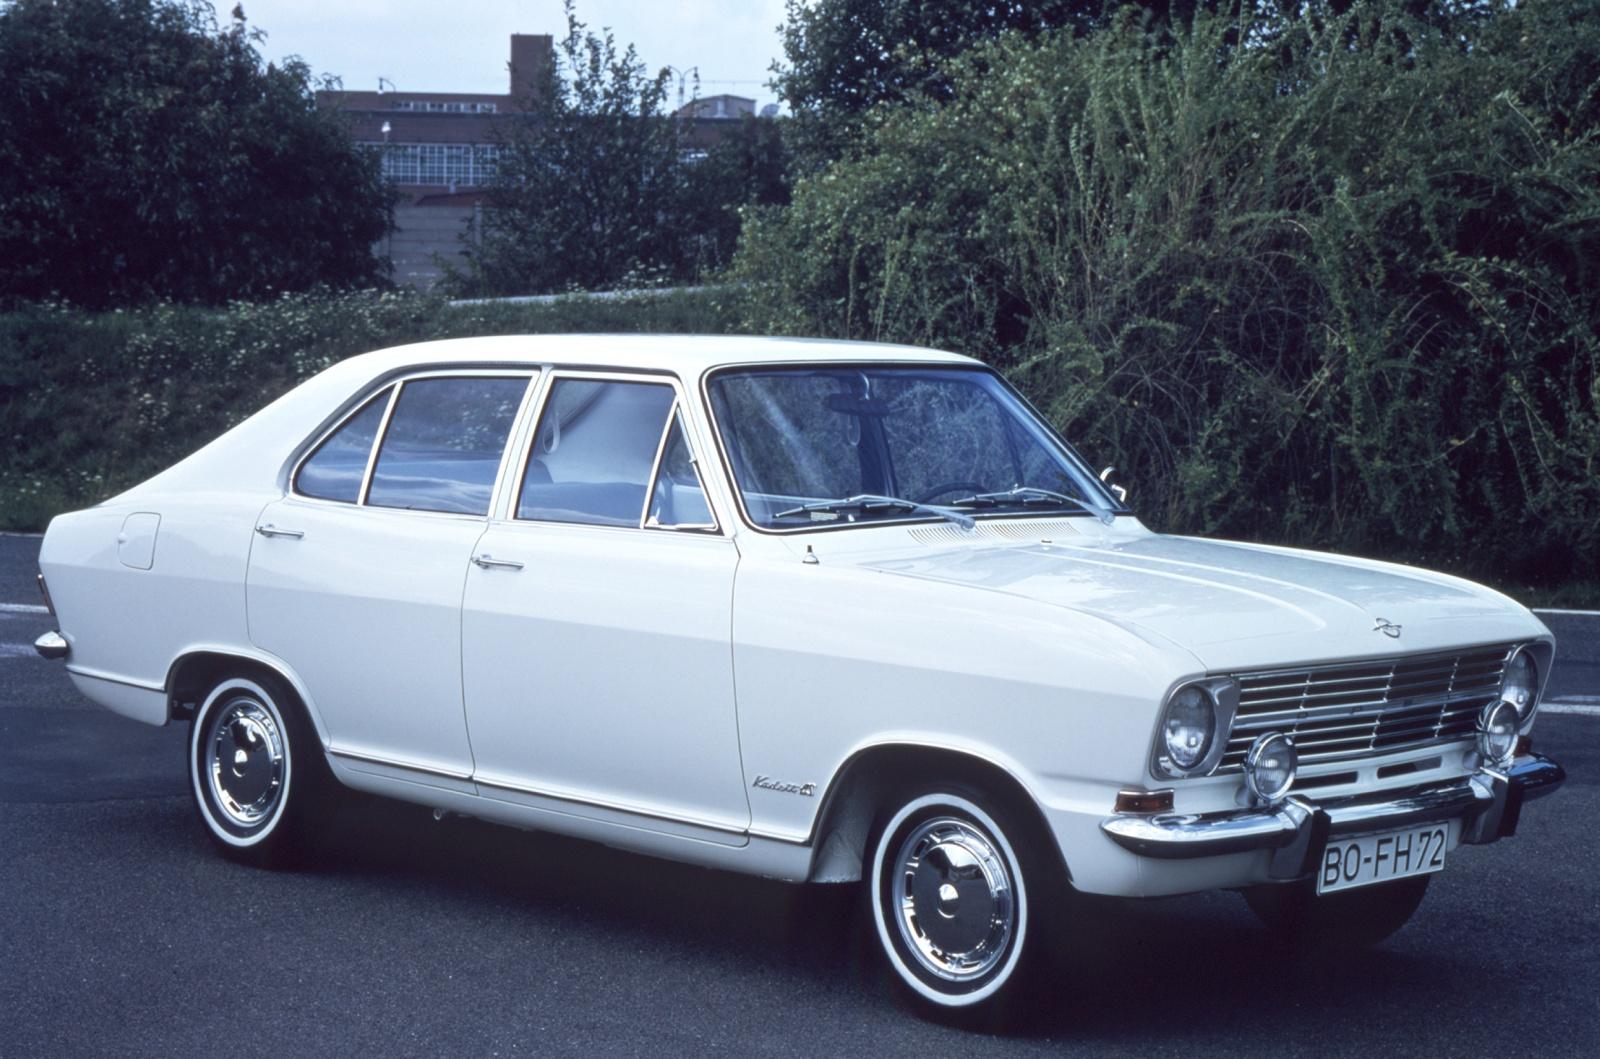 Opel Kadett B 1965 - 1973 Station wagon 3 door #6